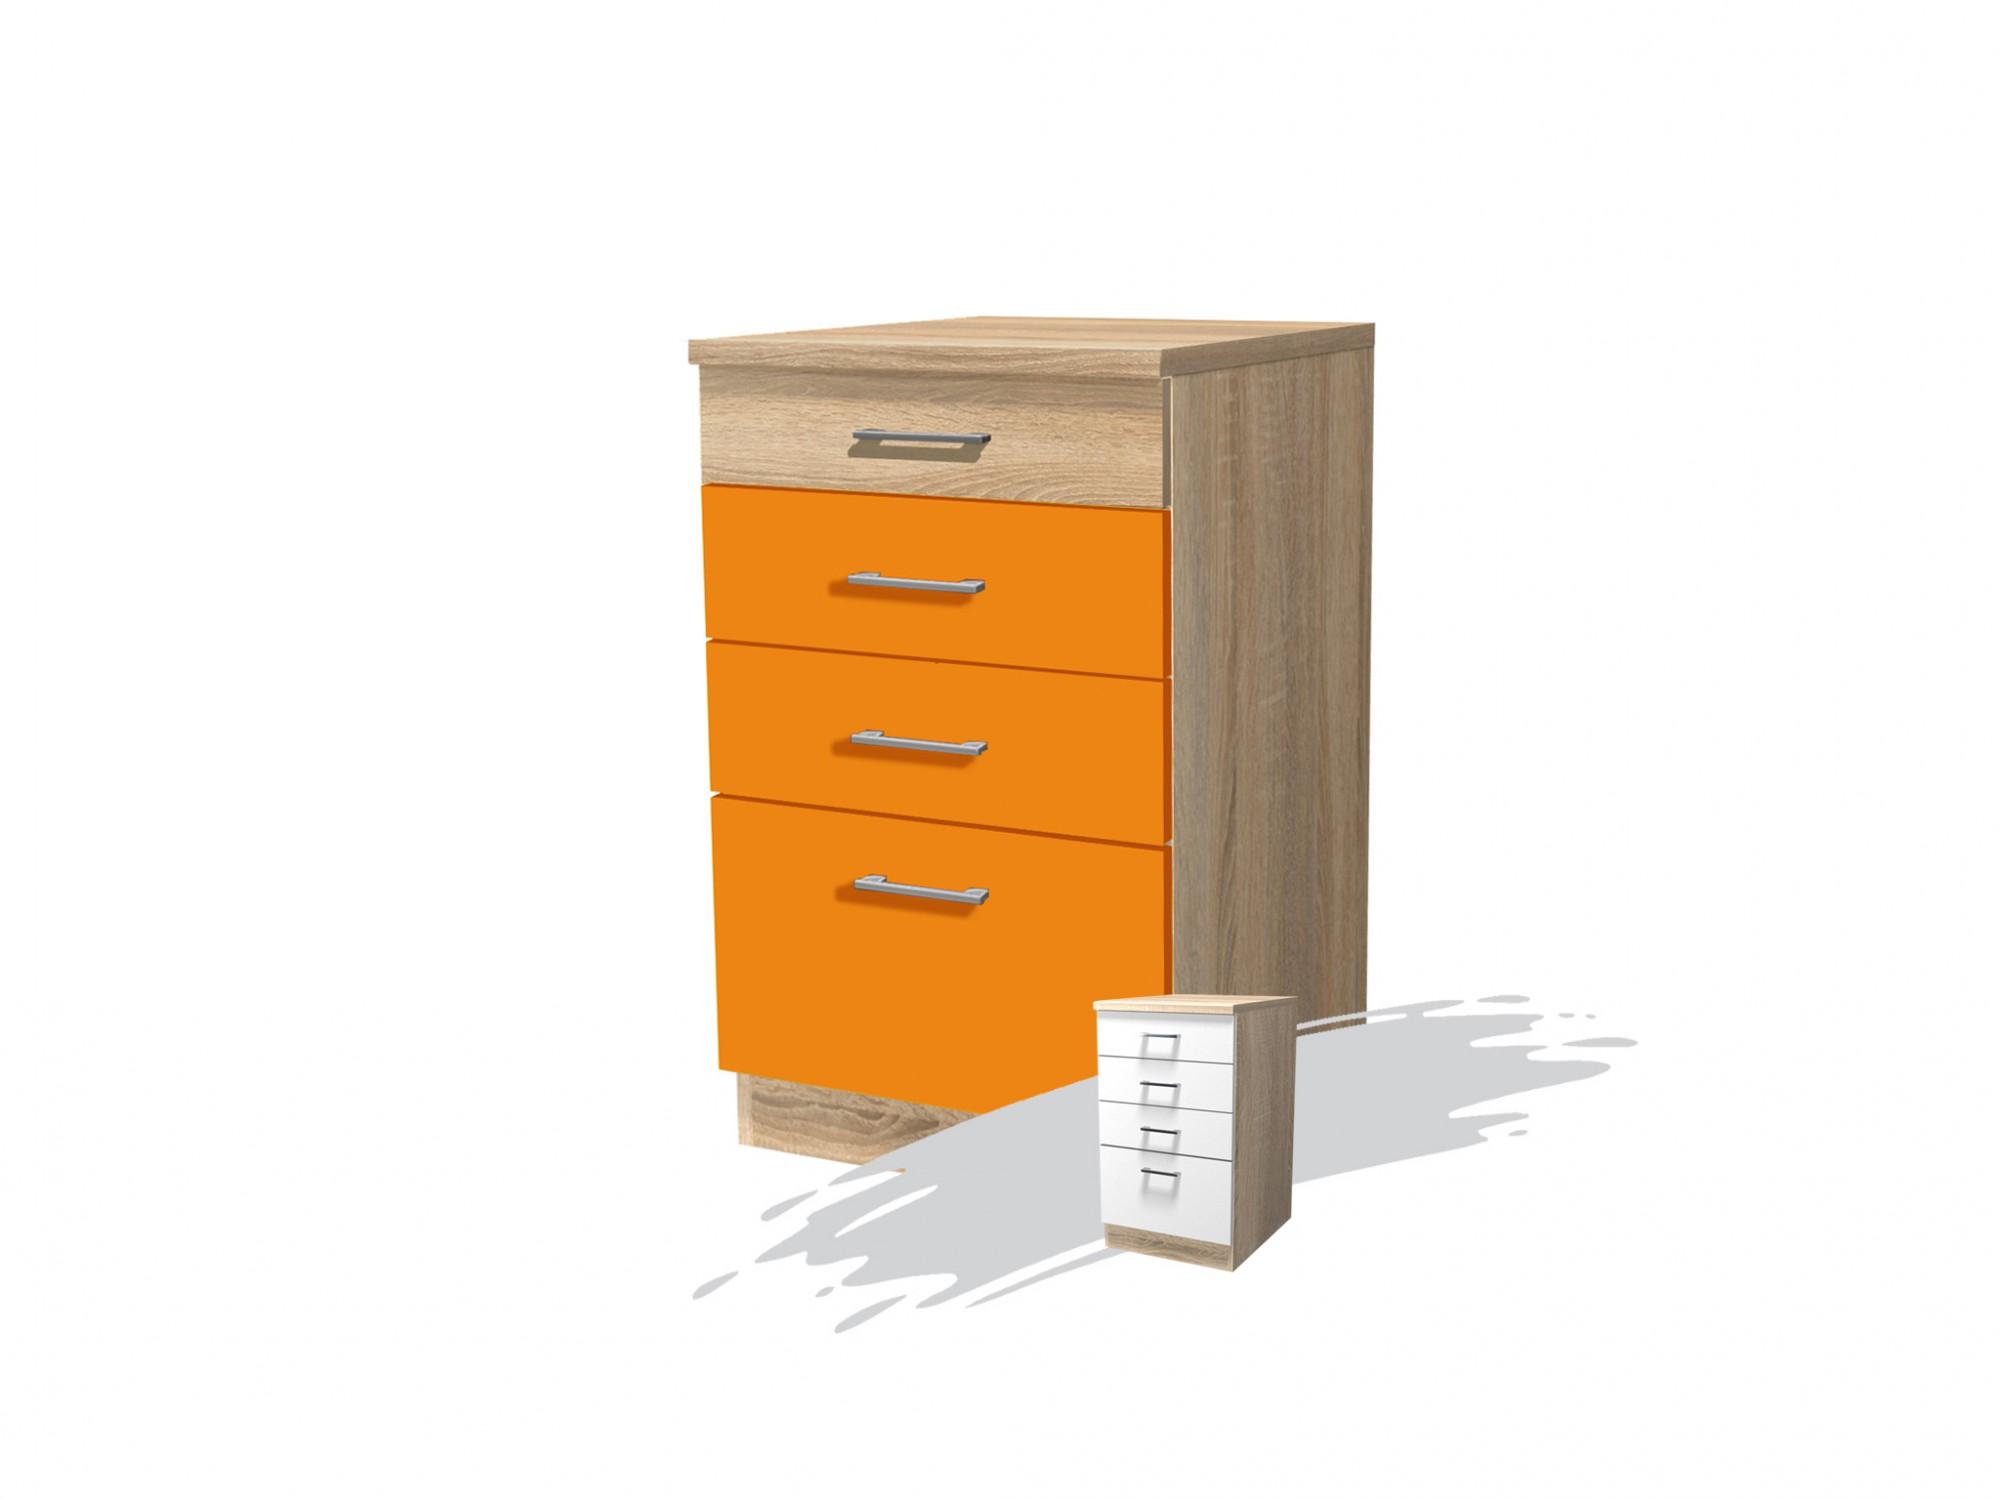 Küchen-Unterschrank ROM Küchenschrank mit Schubladen 50 cm orange ...